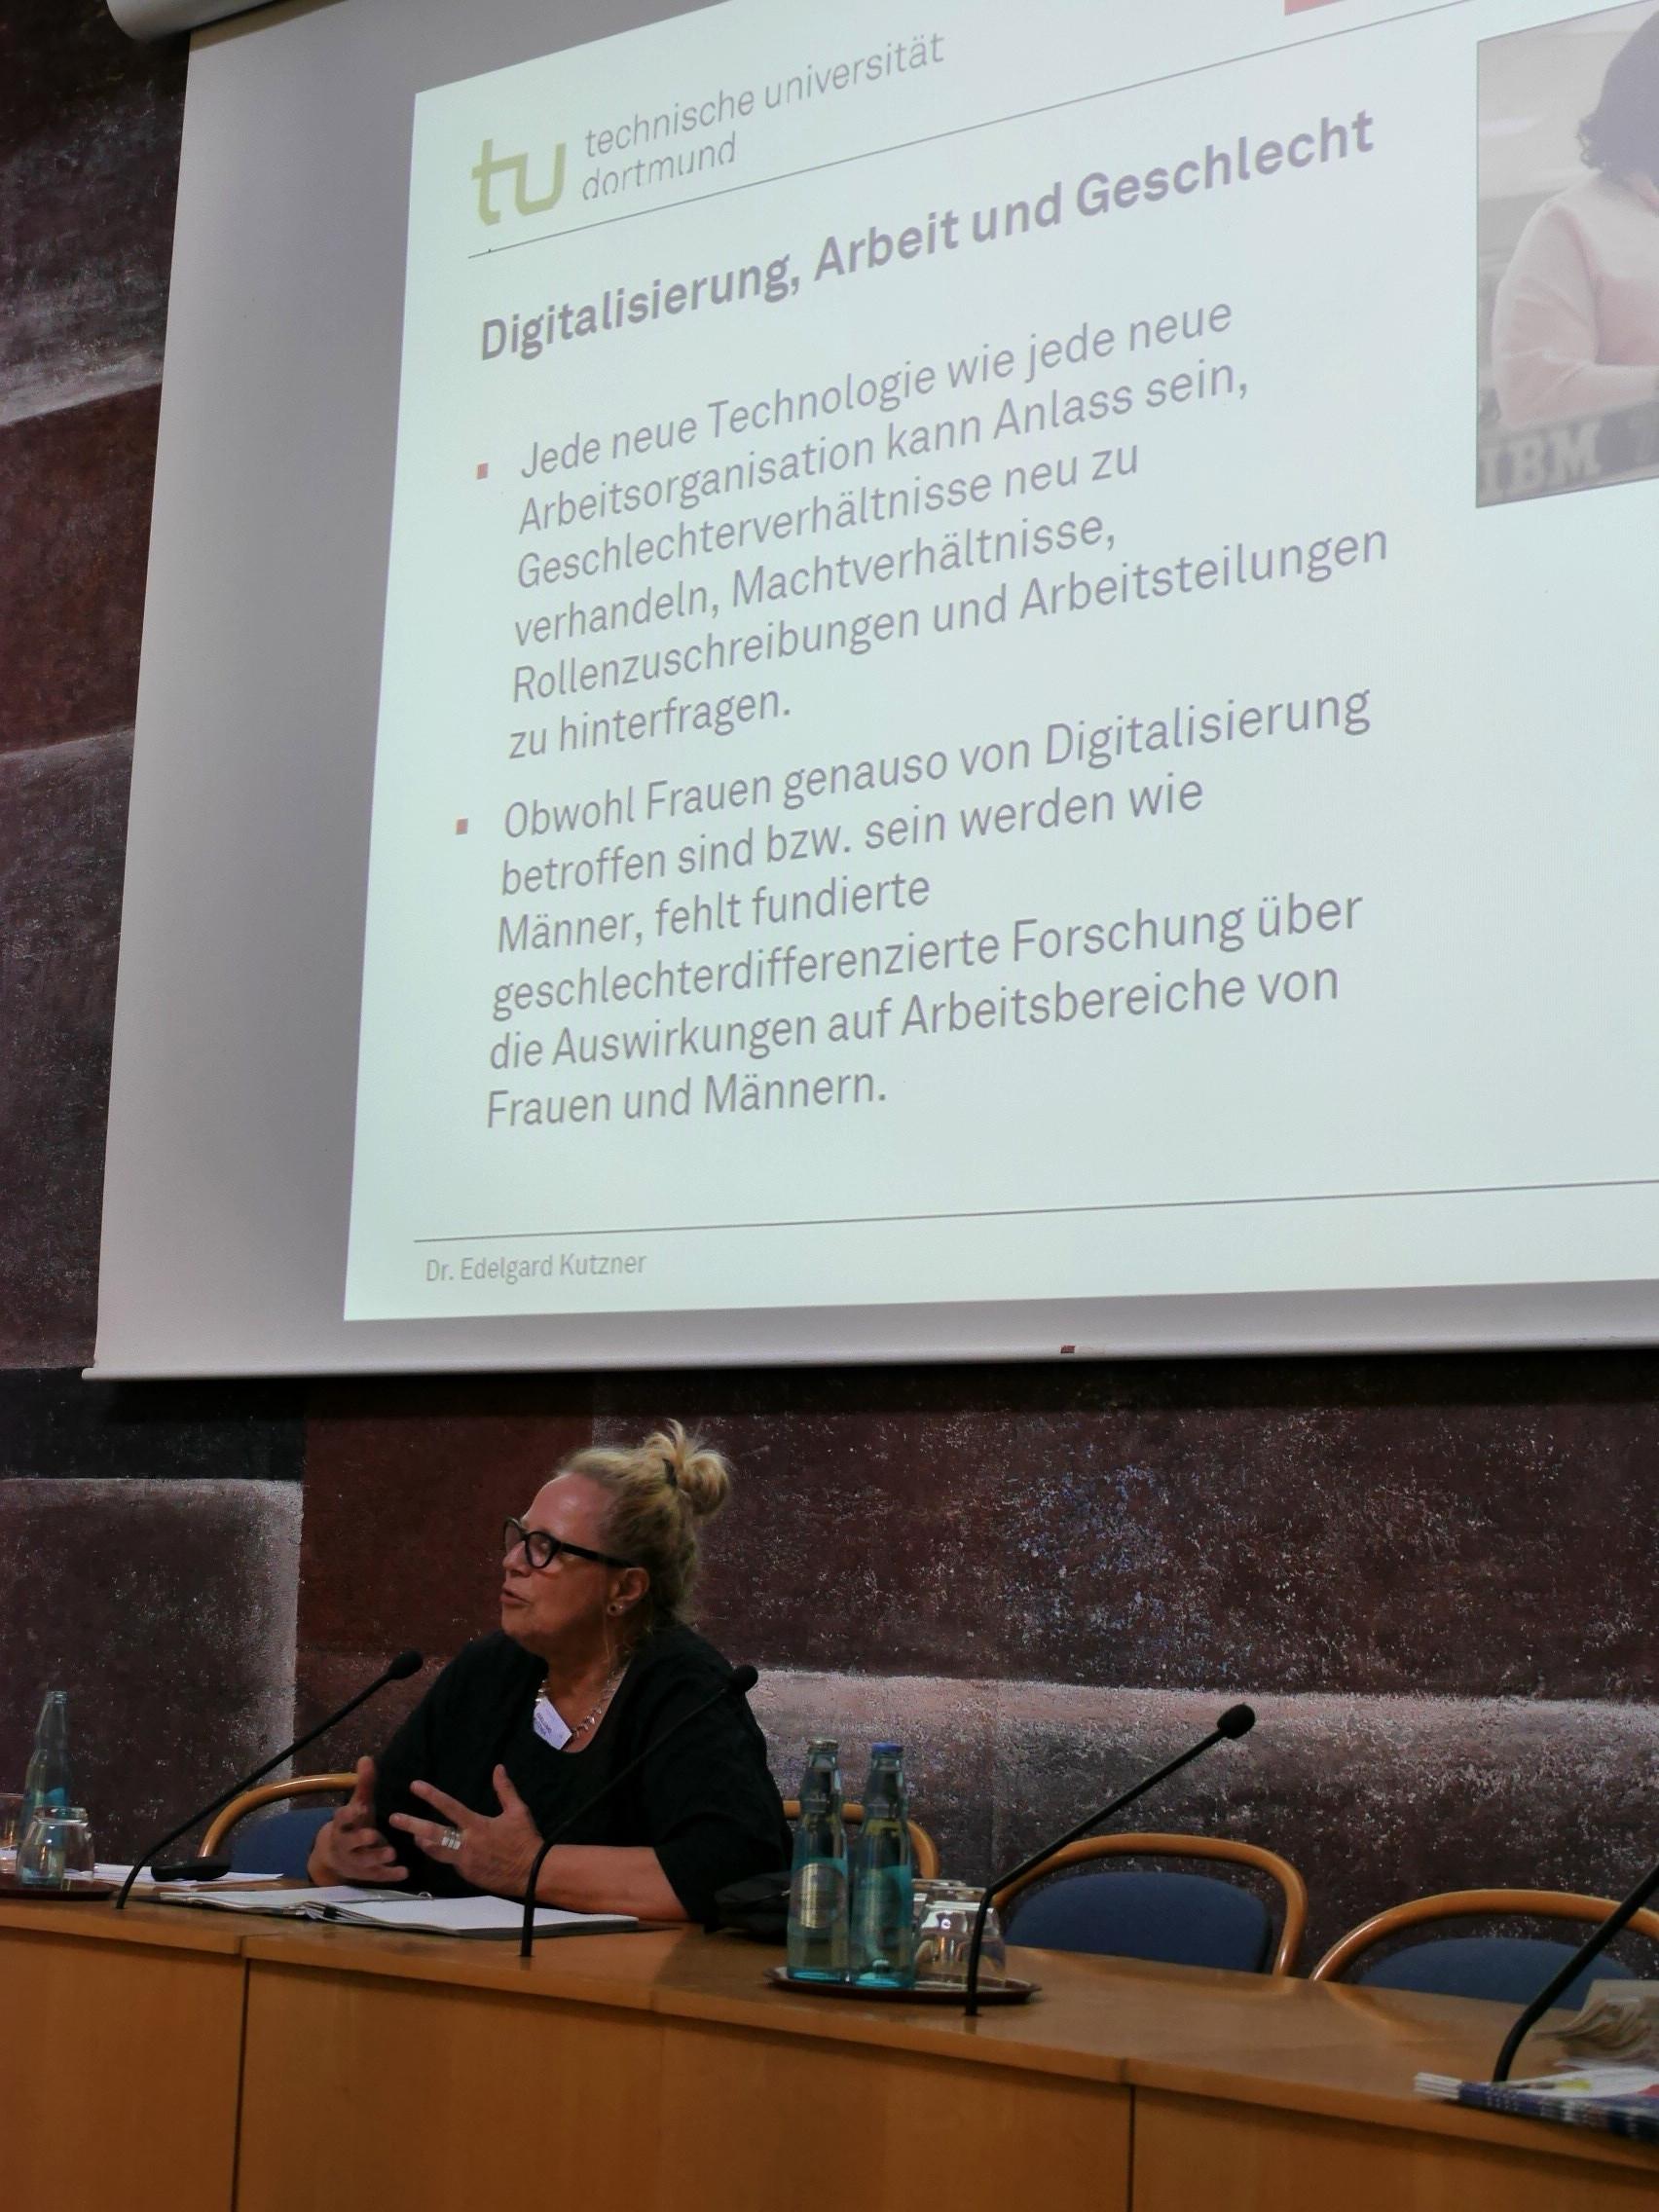 Dr. Edelgard Kutzner während ihres Vortrags.